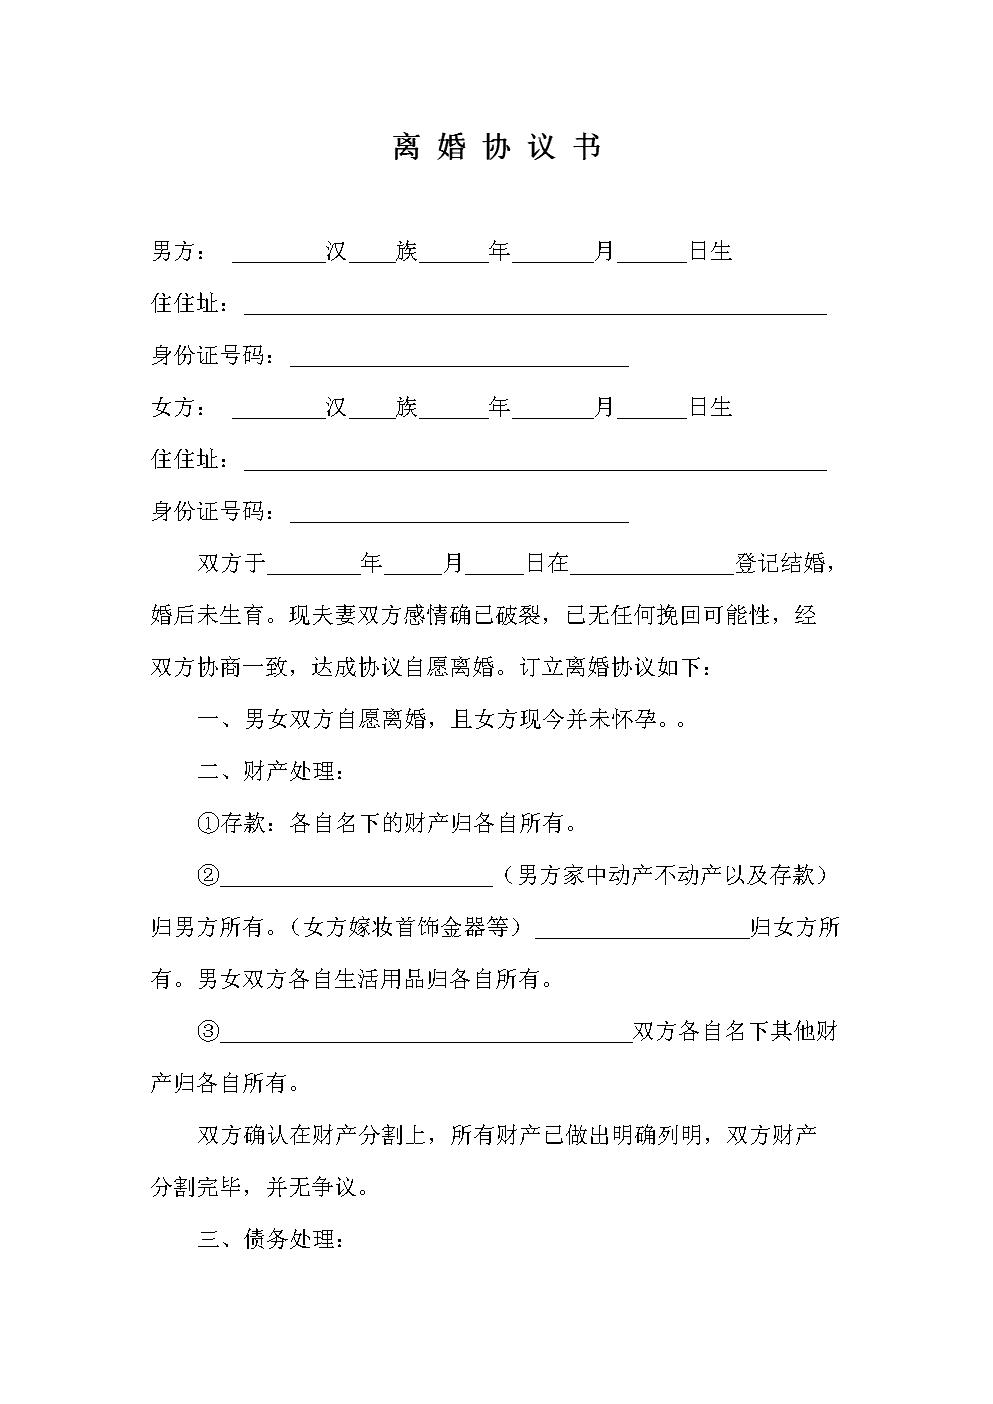 12.有财产无子女离婚协议.doc